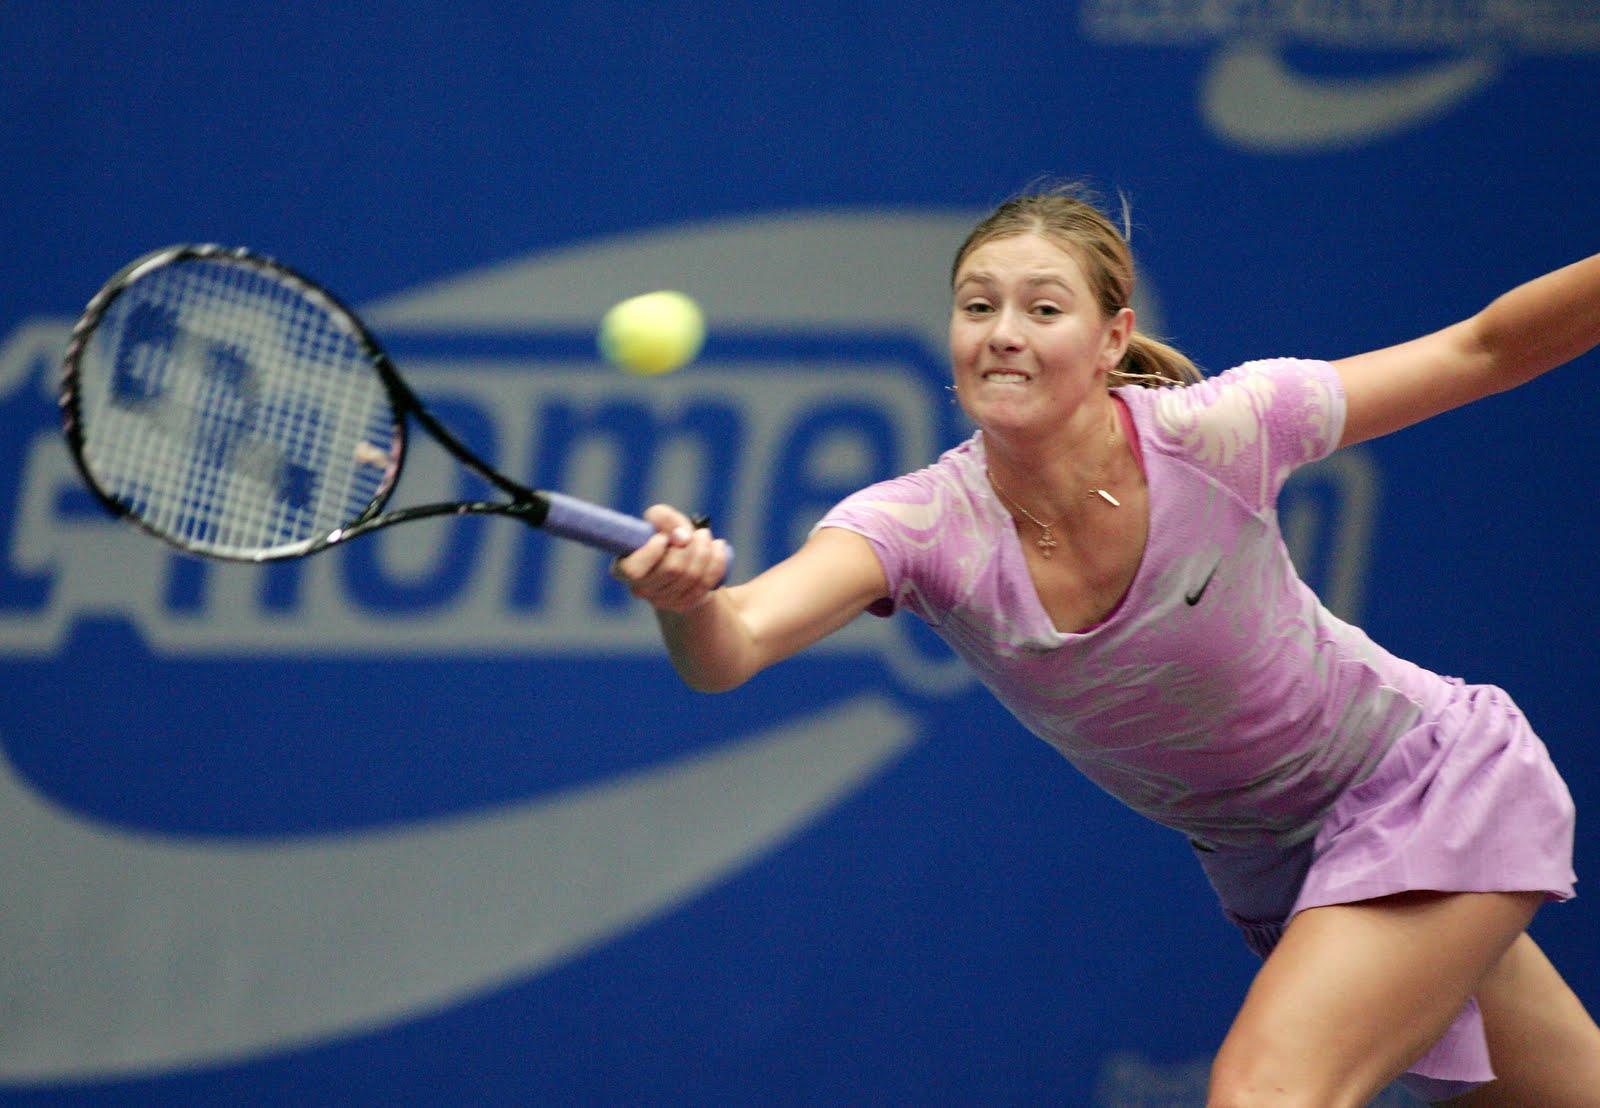 http://2.bp.blogspot.com/-4xMbBPrrP3Y/Ted8DURDZvI/AAAAAAAAAM8/S9B3U_f6D5M/s1600/Maria_Sharapova_Generali_Ladies_WTA_Tournament_Final8.jpg